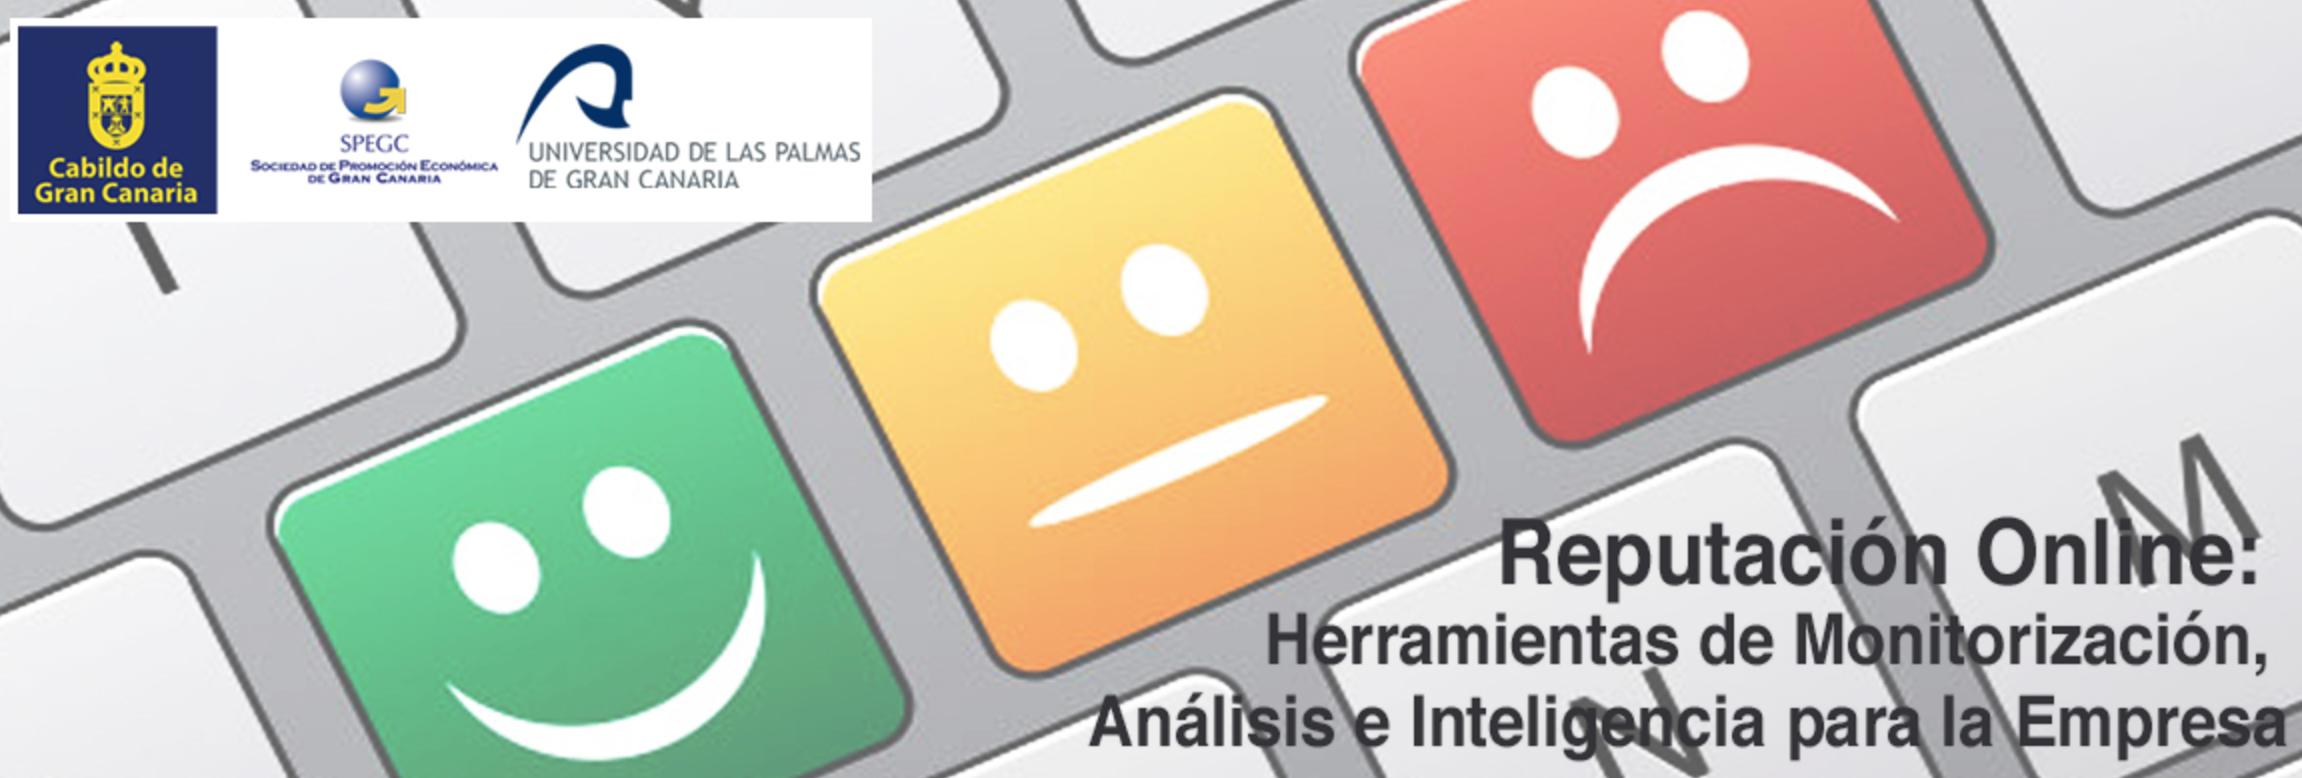 27/28 abril 2017 Las Palmas Reputación online: herramientas de monitorización, análisis e inteligencia para la empresa